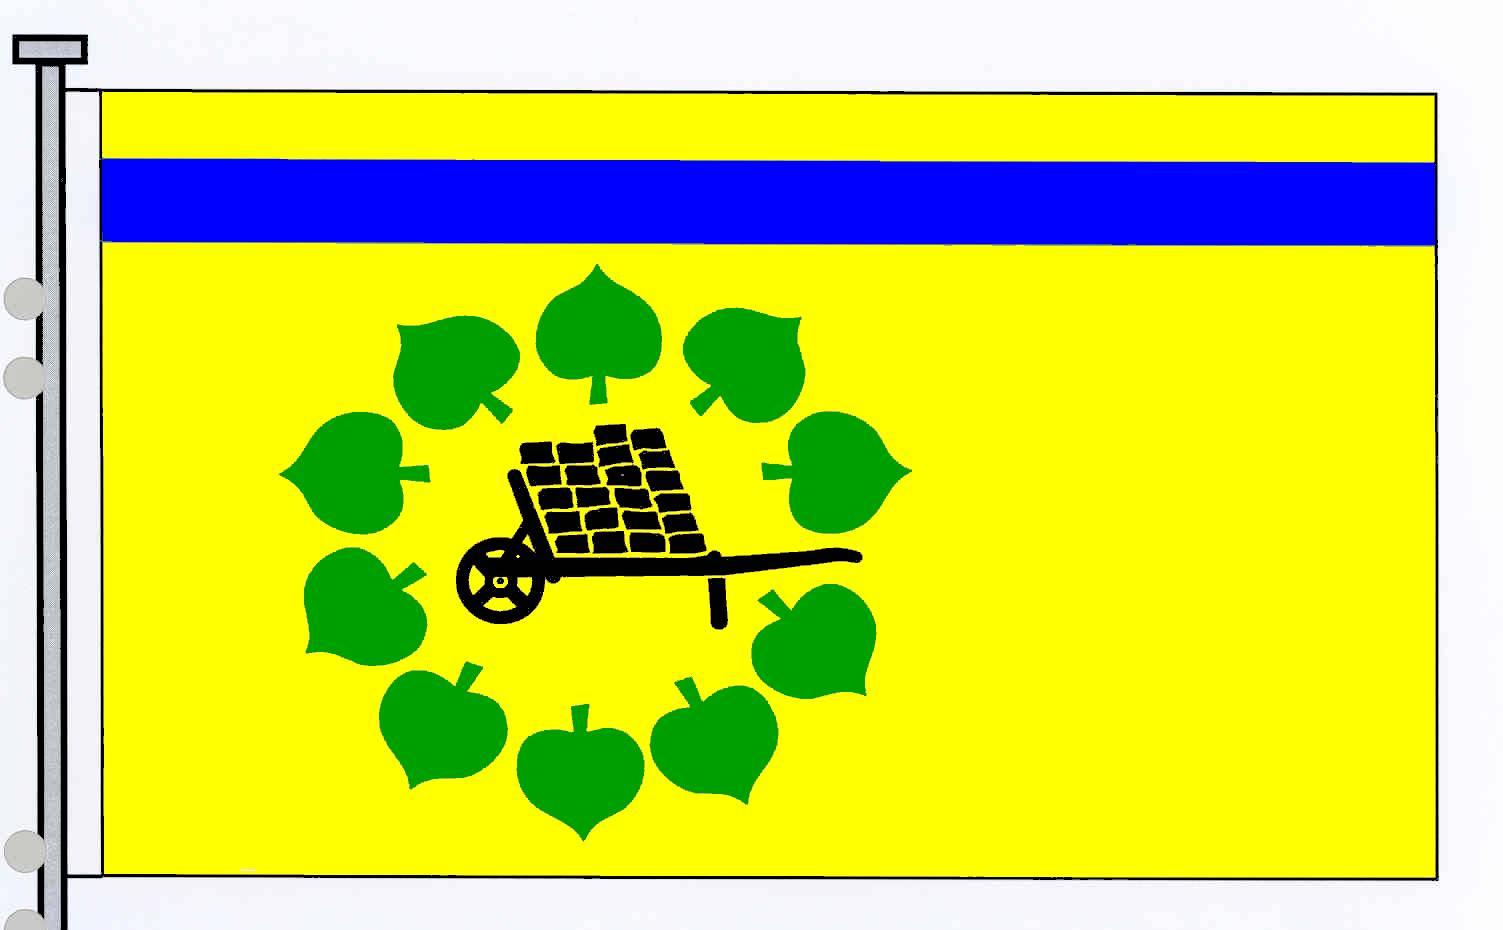 Flagge GemeindeFredesdorf, Kreis Segeberg